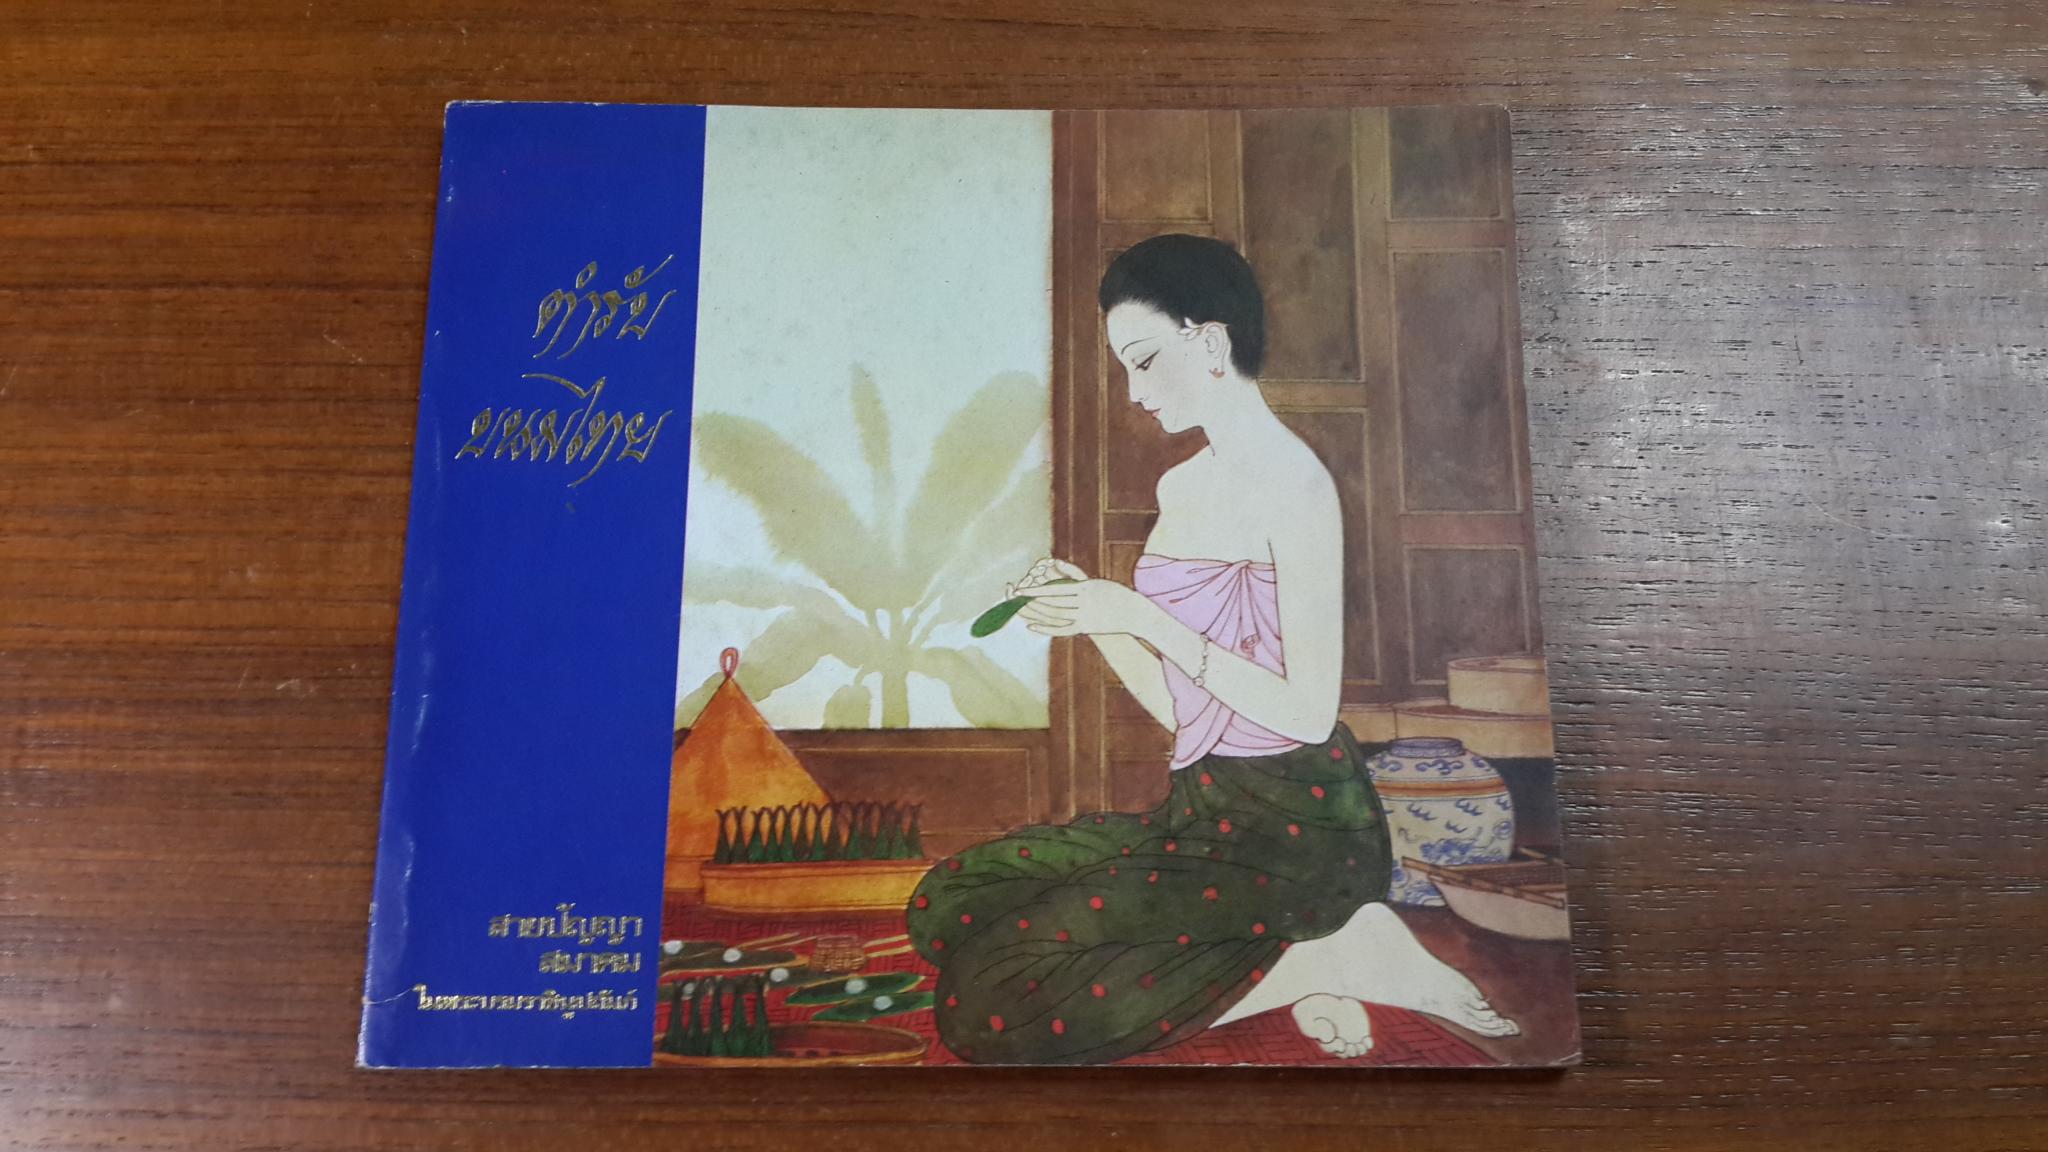 ตำรับขนมไทย / สายปัญญาสมาคม